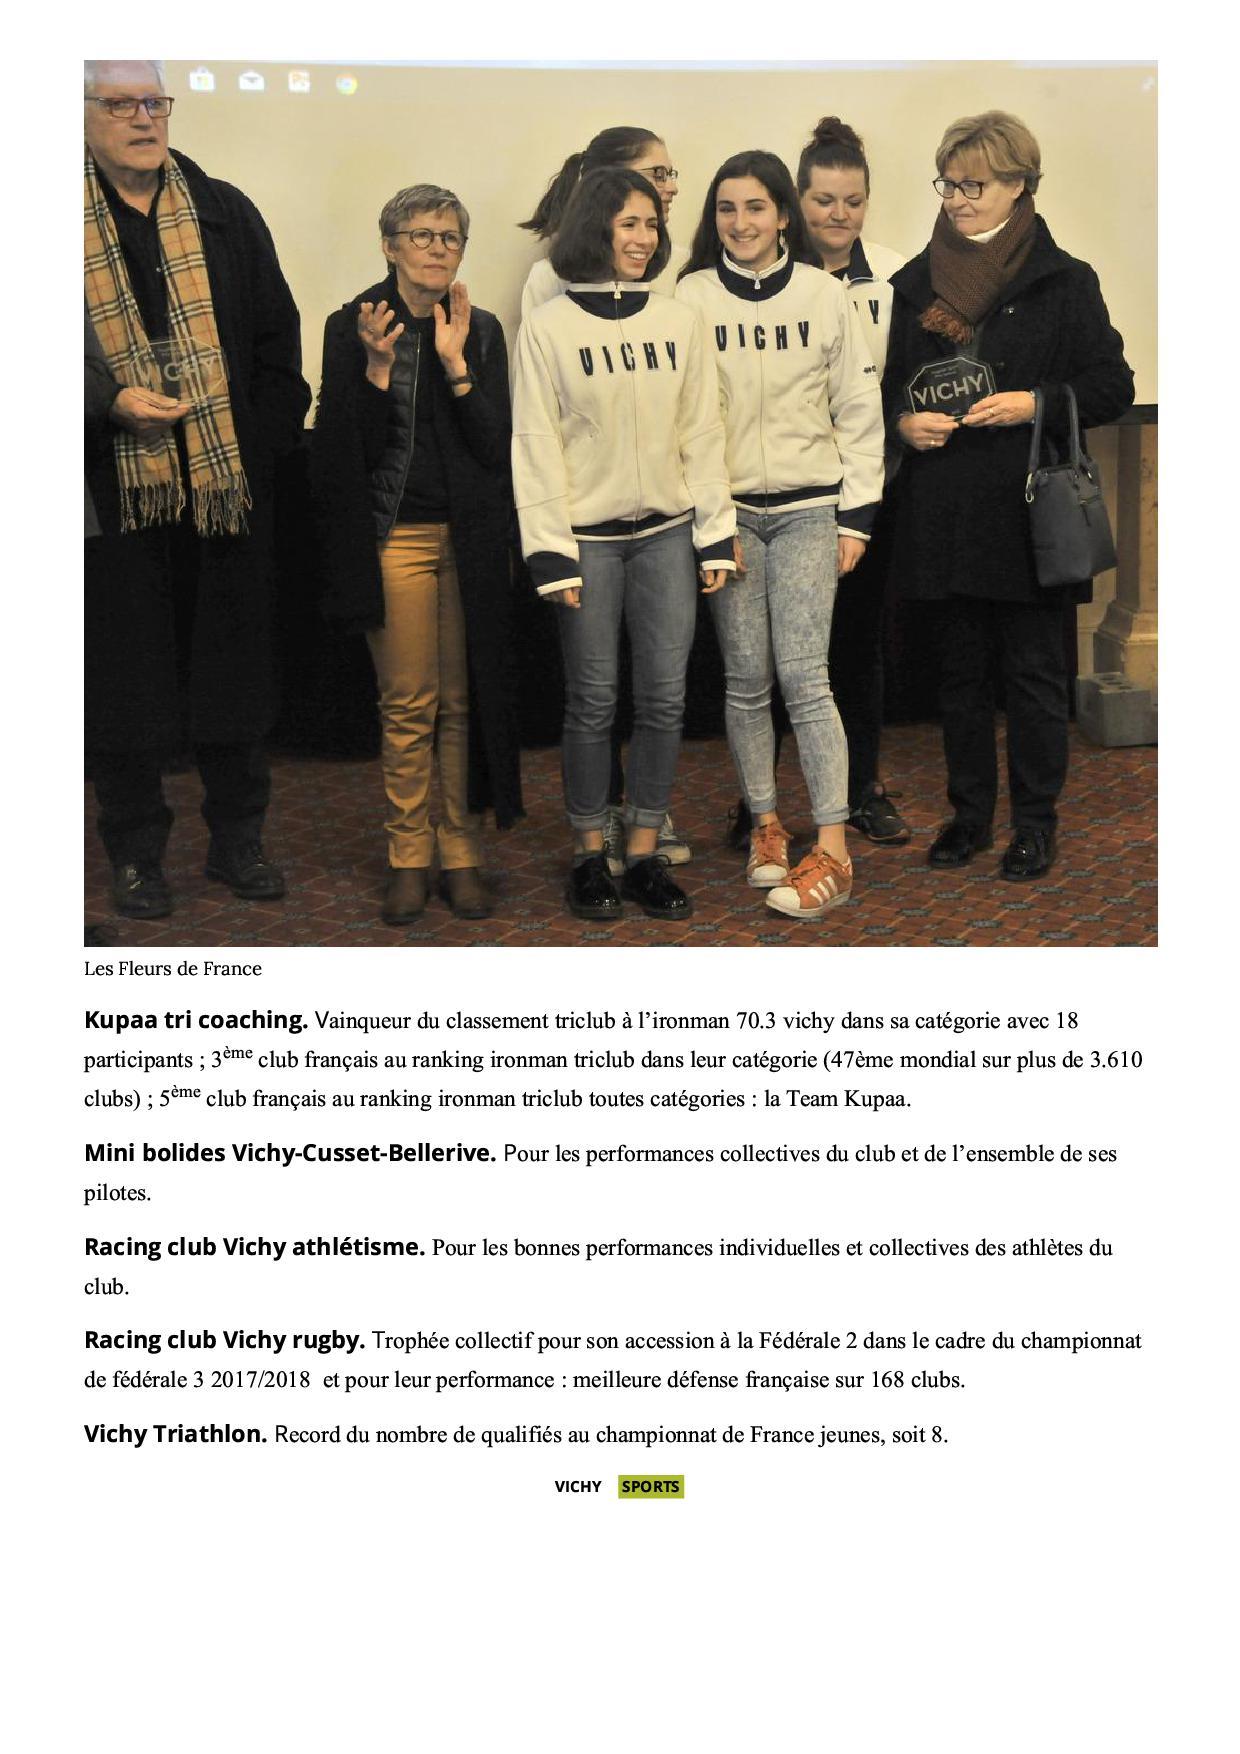 La ville de vichy met ses sportifs a l honneur vichy 03200 la montagne6 2